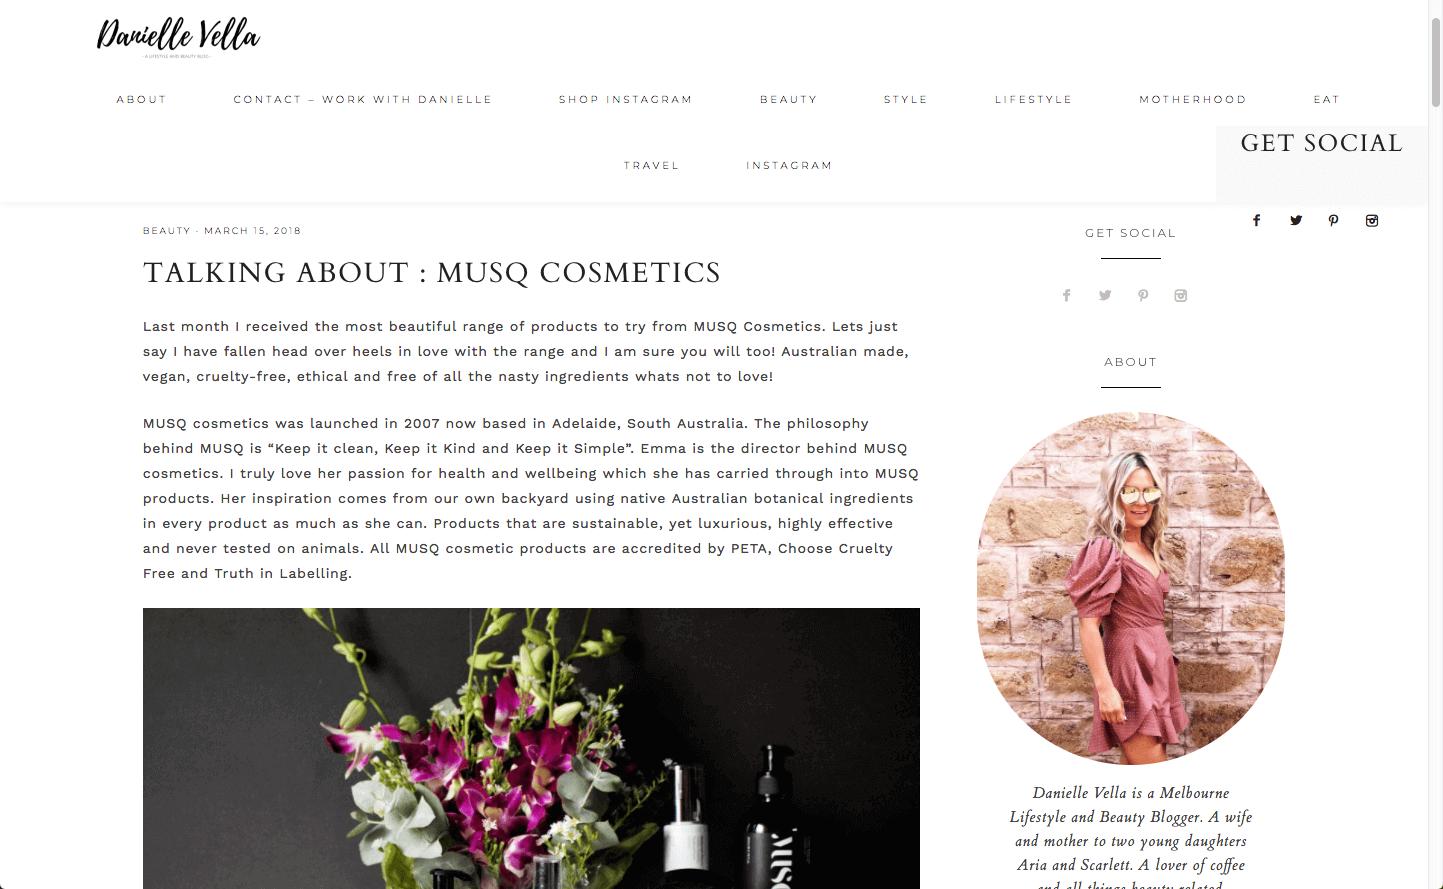 Danielle Vella Musq Cosmetics